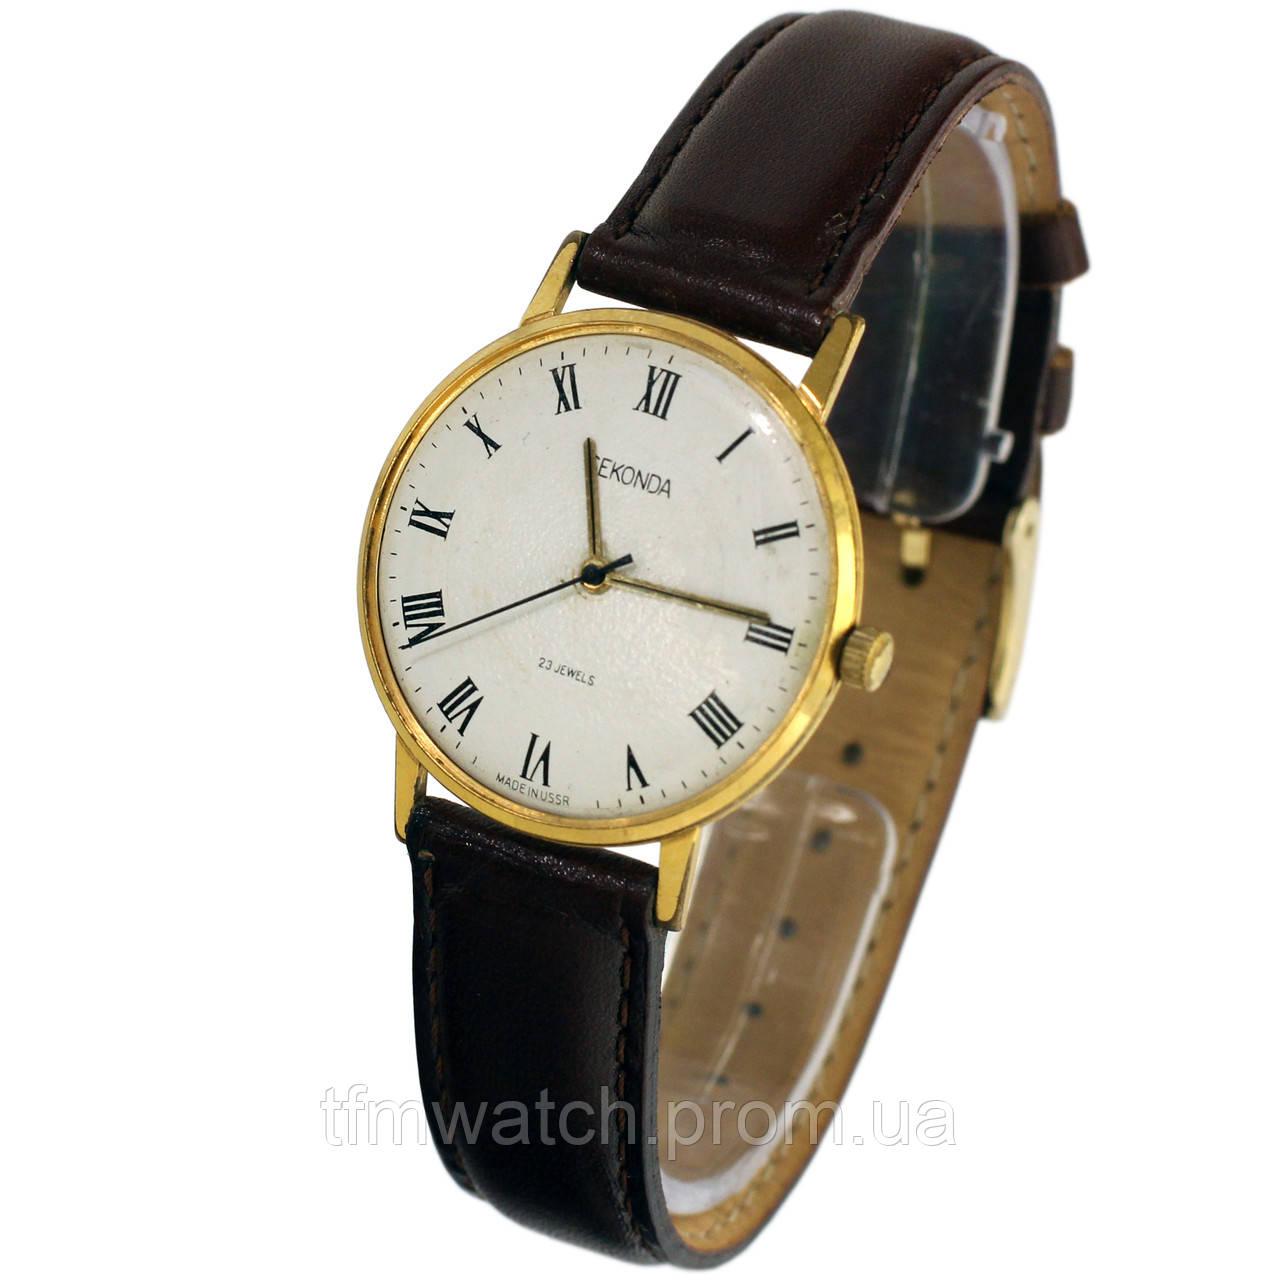 Советские часы новые продам часы работы новосибирск ломбард